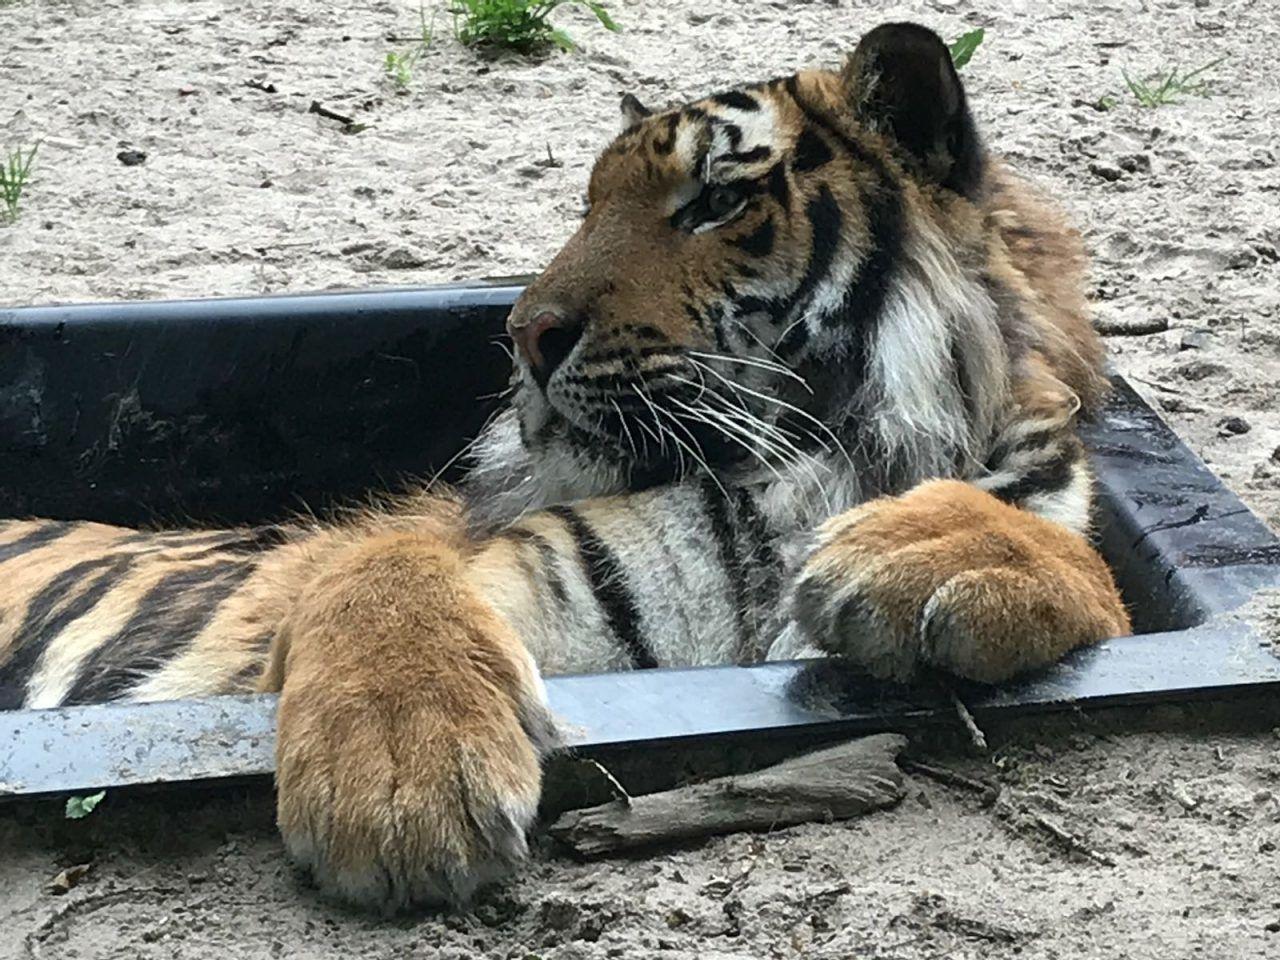 Rechthoekige bak met tijger